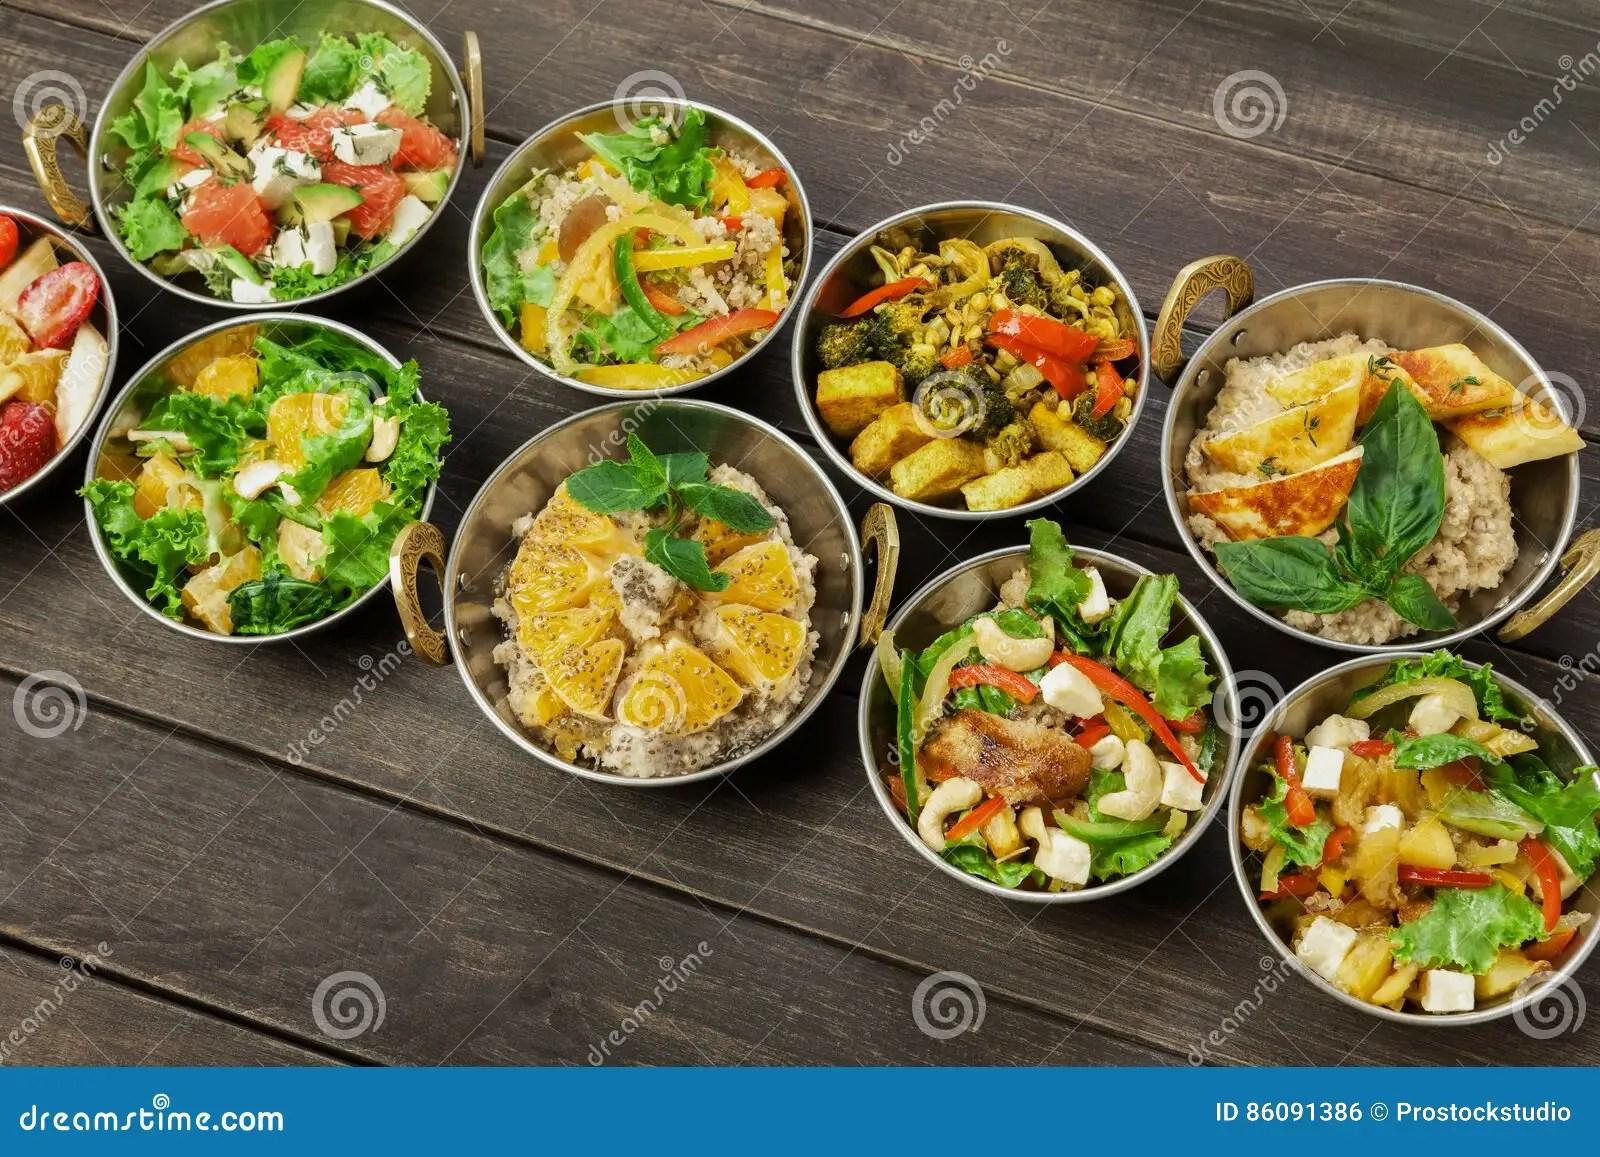 Indische Küche Vegetarisch | Vedische Indische Küche Ein Satz Von ...